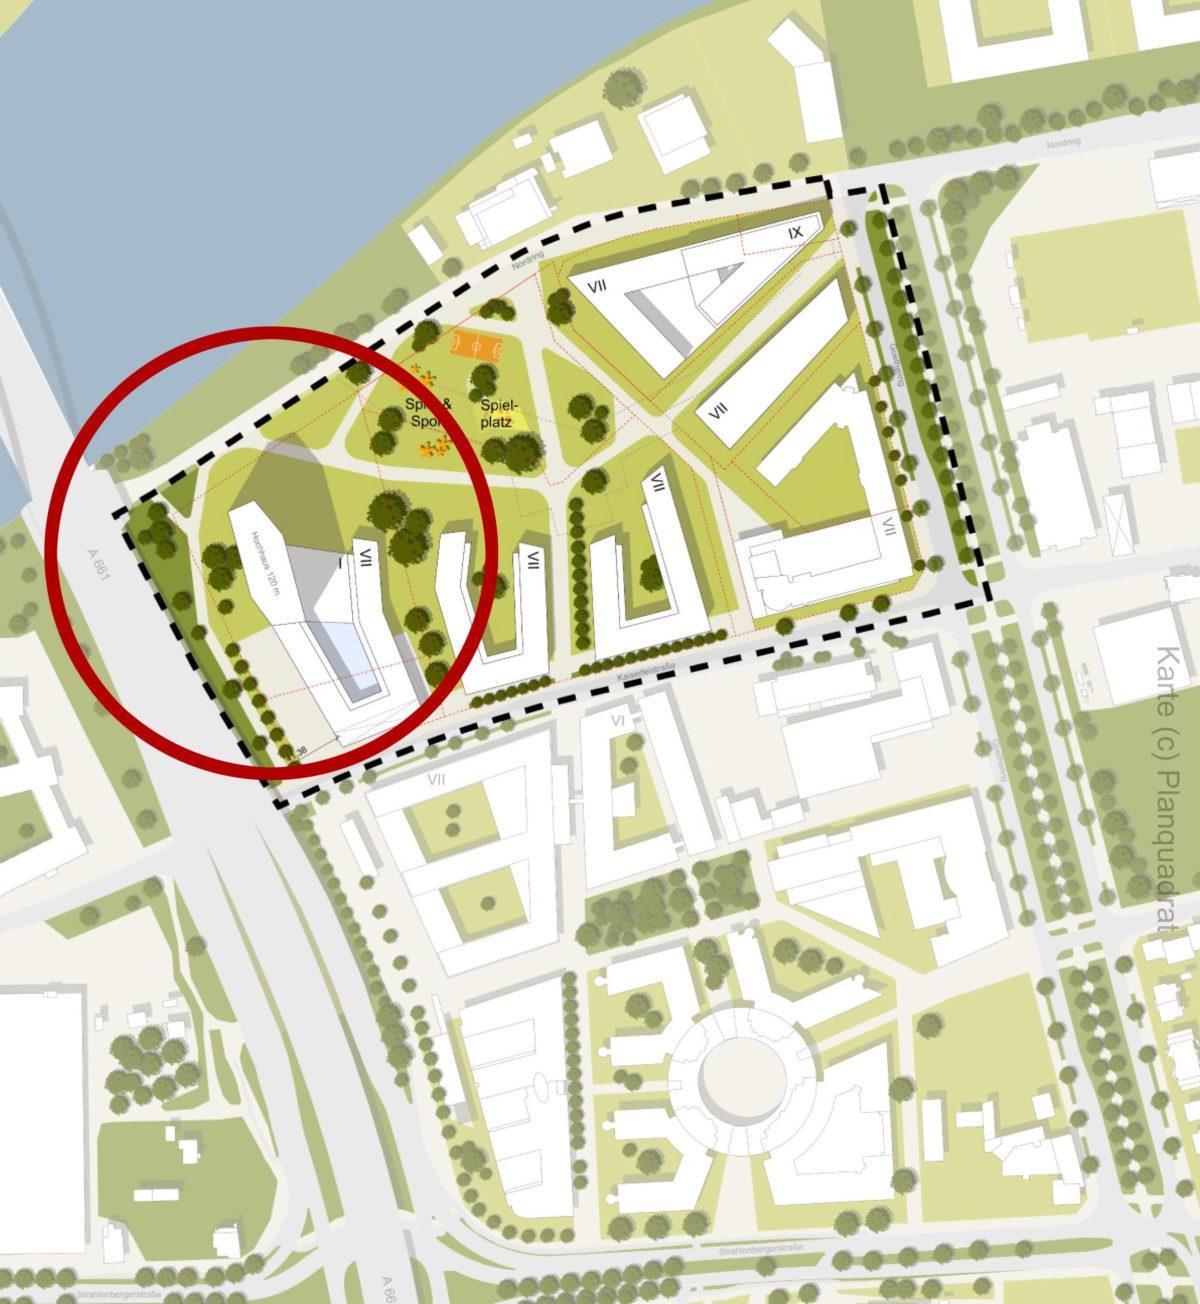 Masterplan Offenbach 2030 - Karte - Plan - Kaiserlei-Areal Nordkap - Hochhaus Offenbach geplant - Entwicklungsgebiet Kaiserlei